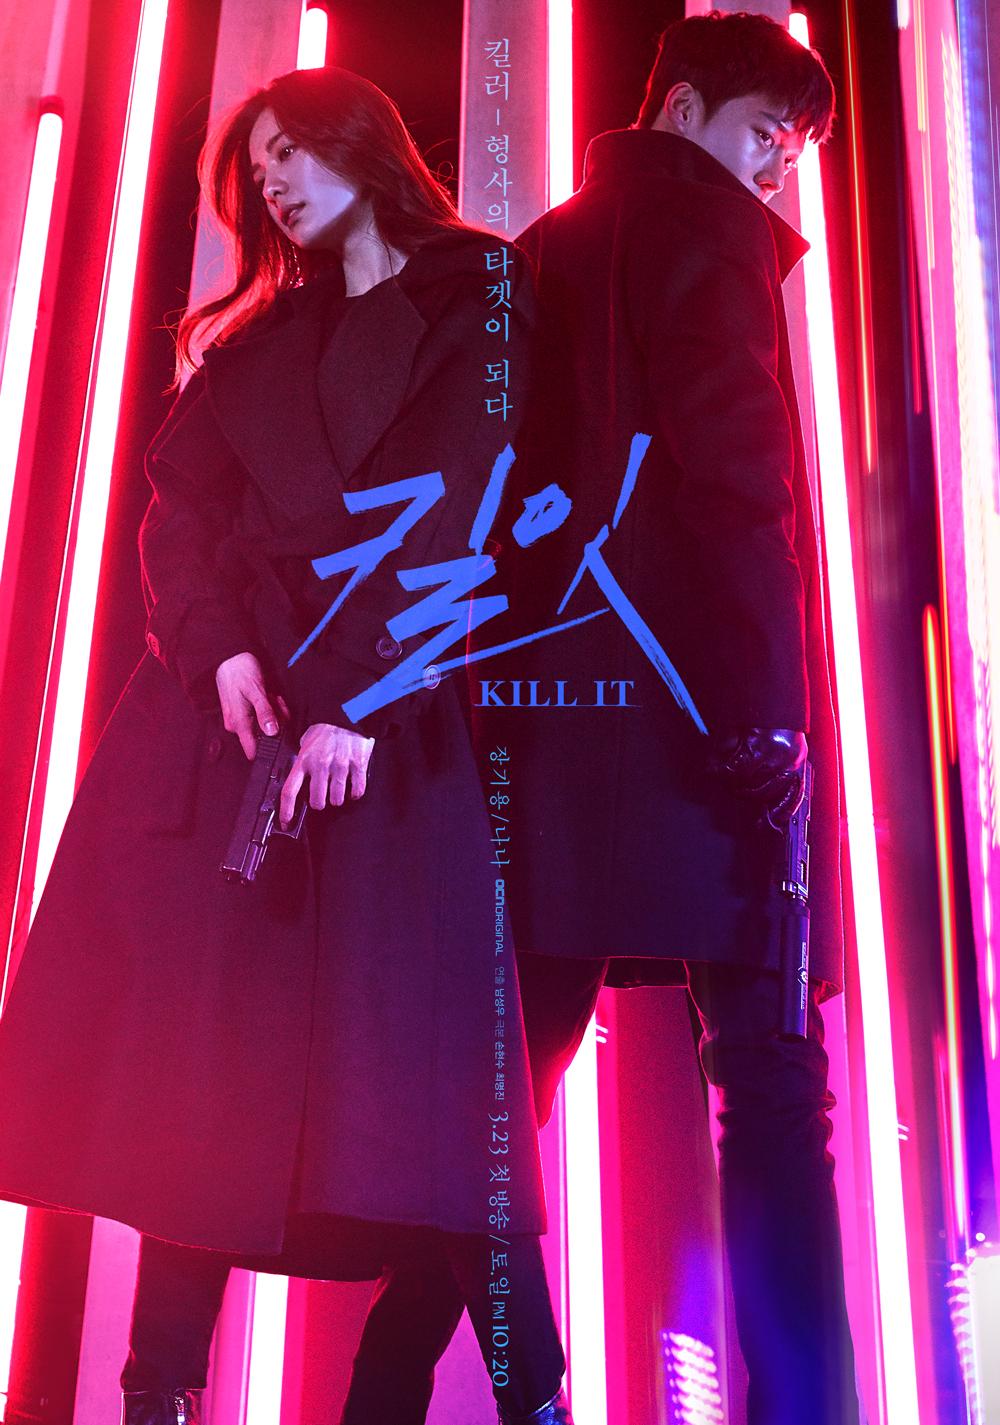 珍荣、张基龙、洪宗玄,又到了韩剧男主角们展示美好身材的时刻了插图2